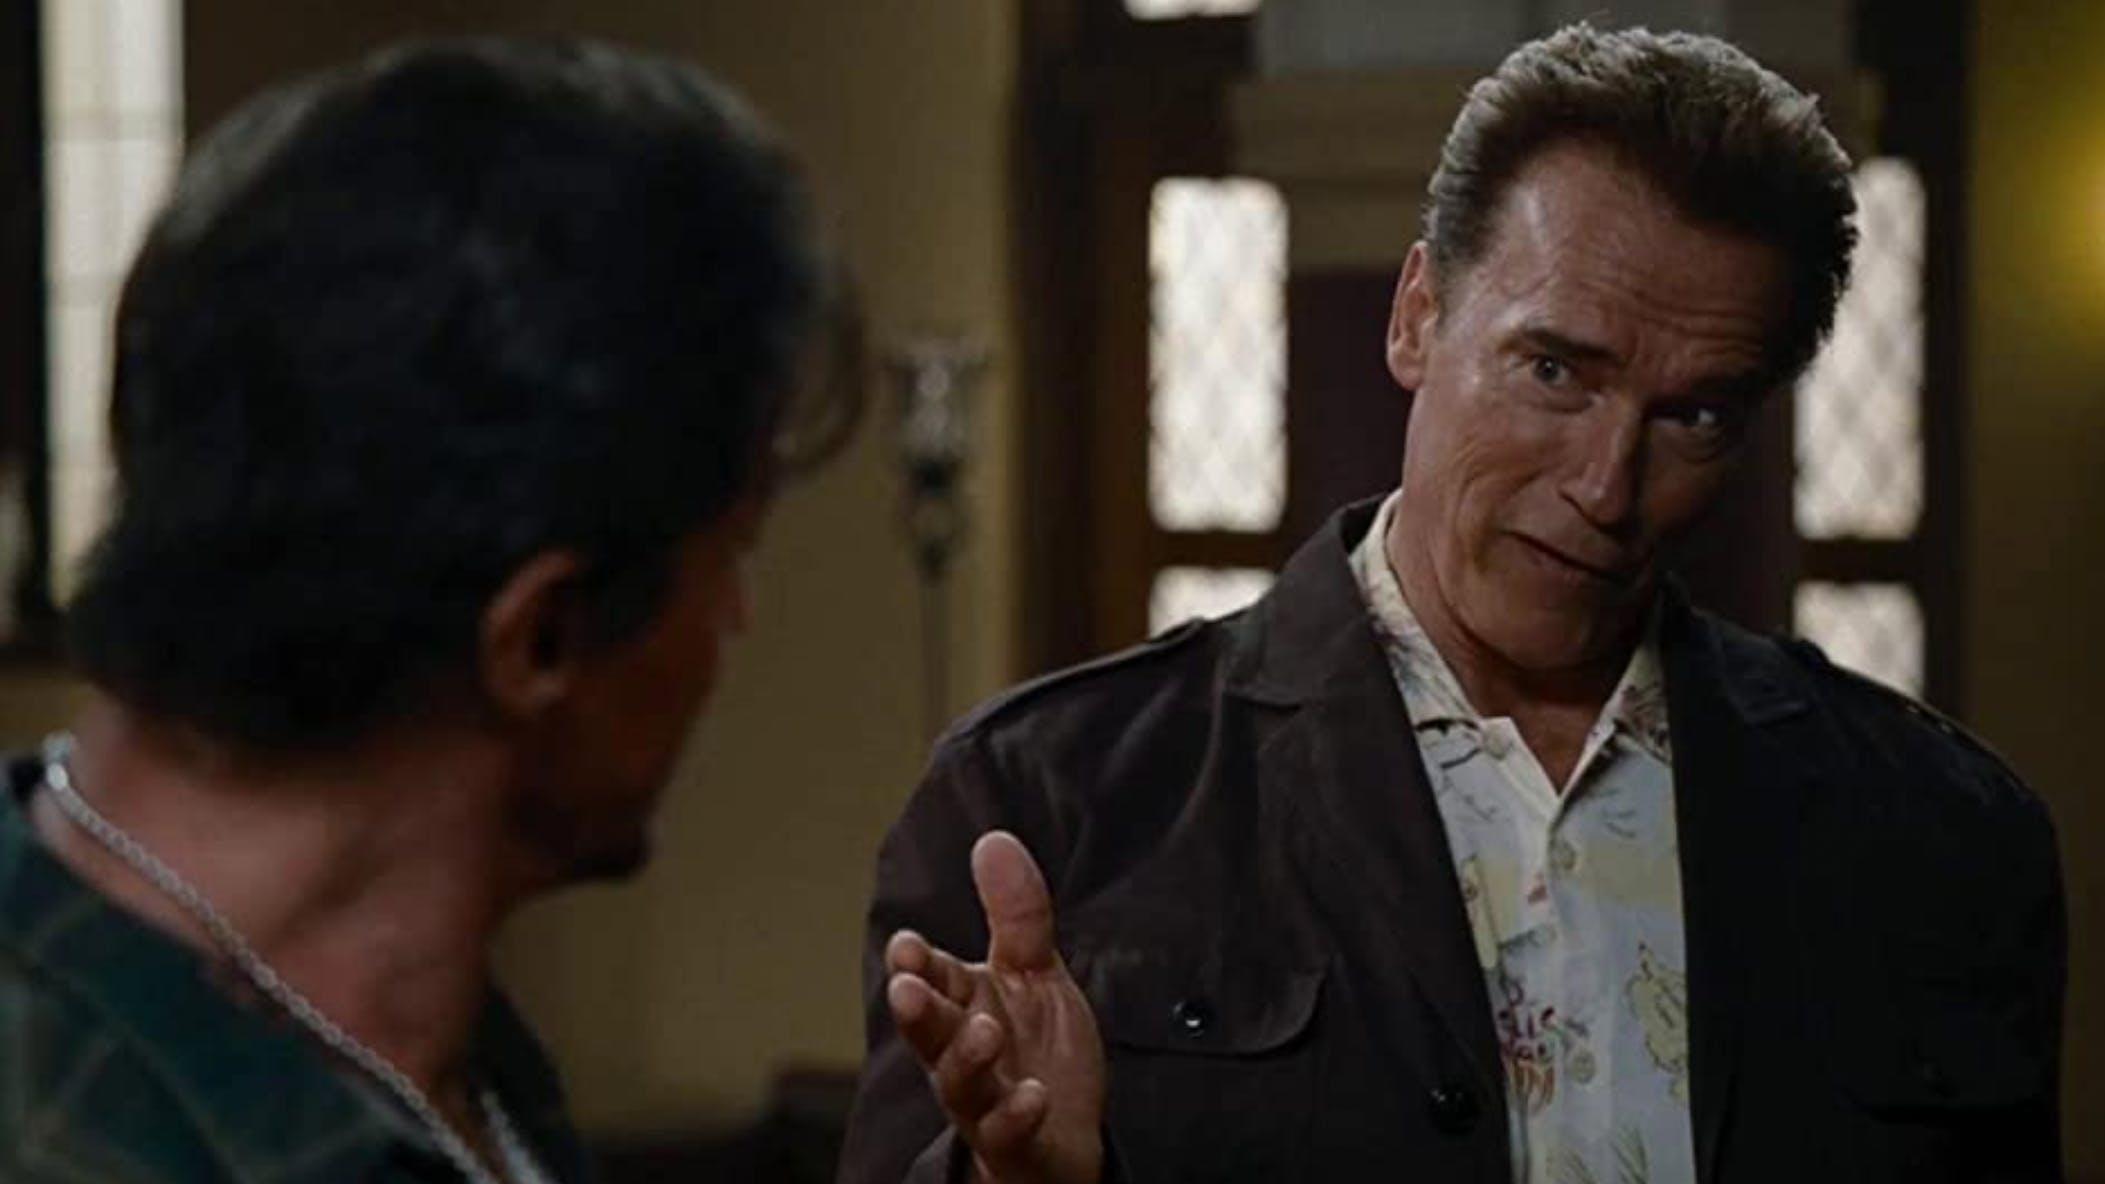 «The Expendables» (2010): Arnie sagt Stallone er sehe krank und mager aus. «Ach ja? Das Gewicht, das ich verloren habe, scheinst du gefunden zu haben.»